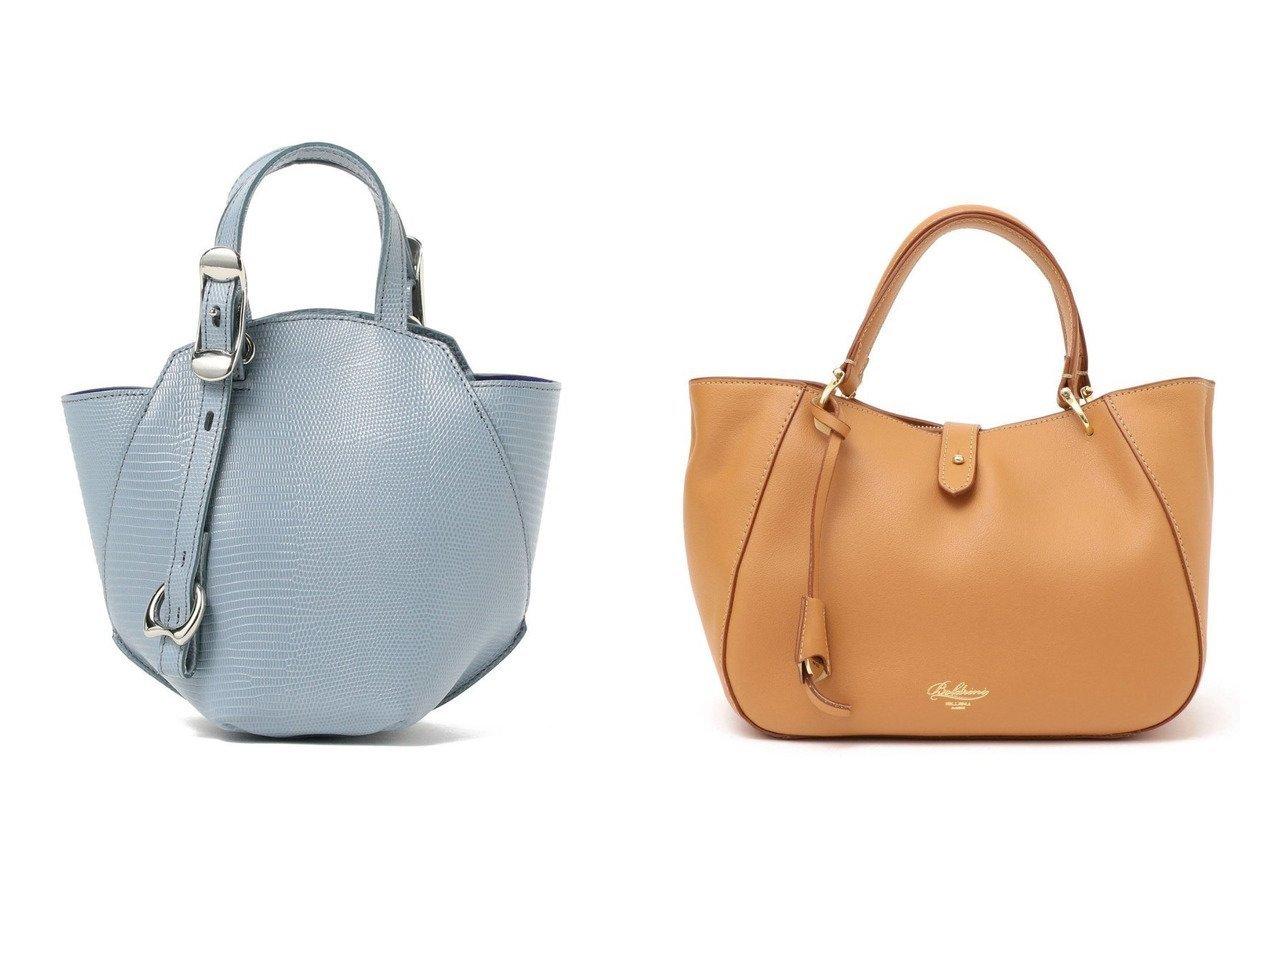 【Demi-Luxe BEAMS/デミルクス ビームス】のTOFF& ミニ ヘプタゴン バッグ&【SHIPS/シップス フォー ウィメン】のBoldrini Selleria:ラウンドトート バッグ・鞄のおすすめ!人気、トレンド・レディースファッションの通販  おすすめで人気の流行・トレンド、ファッションの通販商品 メンズファッション・キッズファッション・インテリア・家具・レディースファッション・服の通販 founy(ファニー) https://founy.com/ ファッション Fashion レディースファッション WOMEN バッグ Bag コンパクト スタイリッシュ フォルム モダン 人気 定番 イタリア クラシカル ショルダー |ID:crp329100000009913